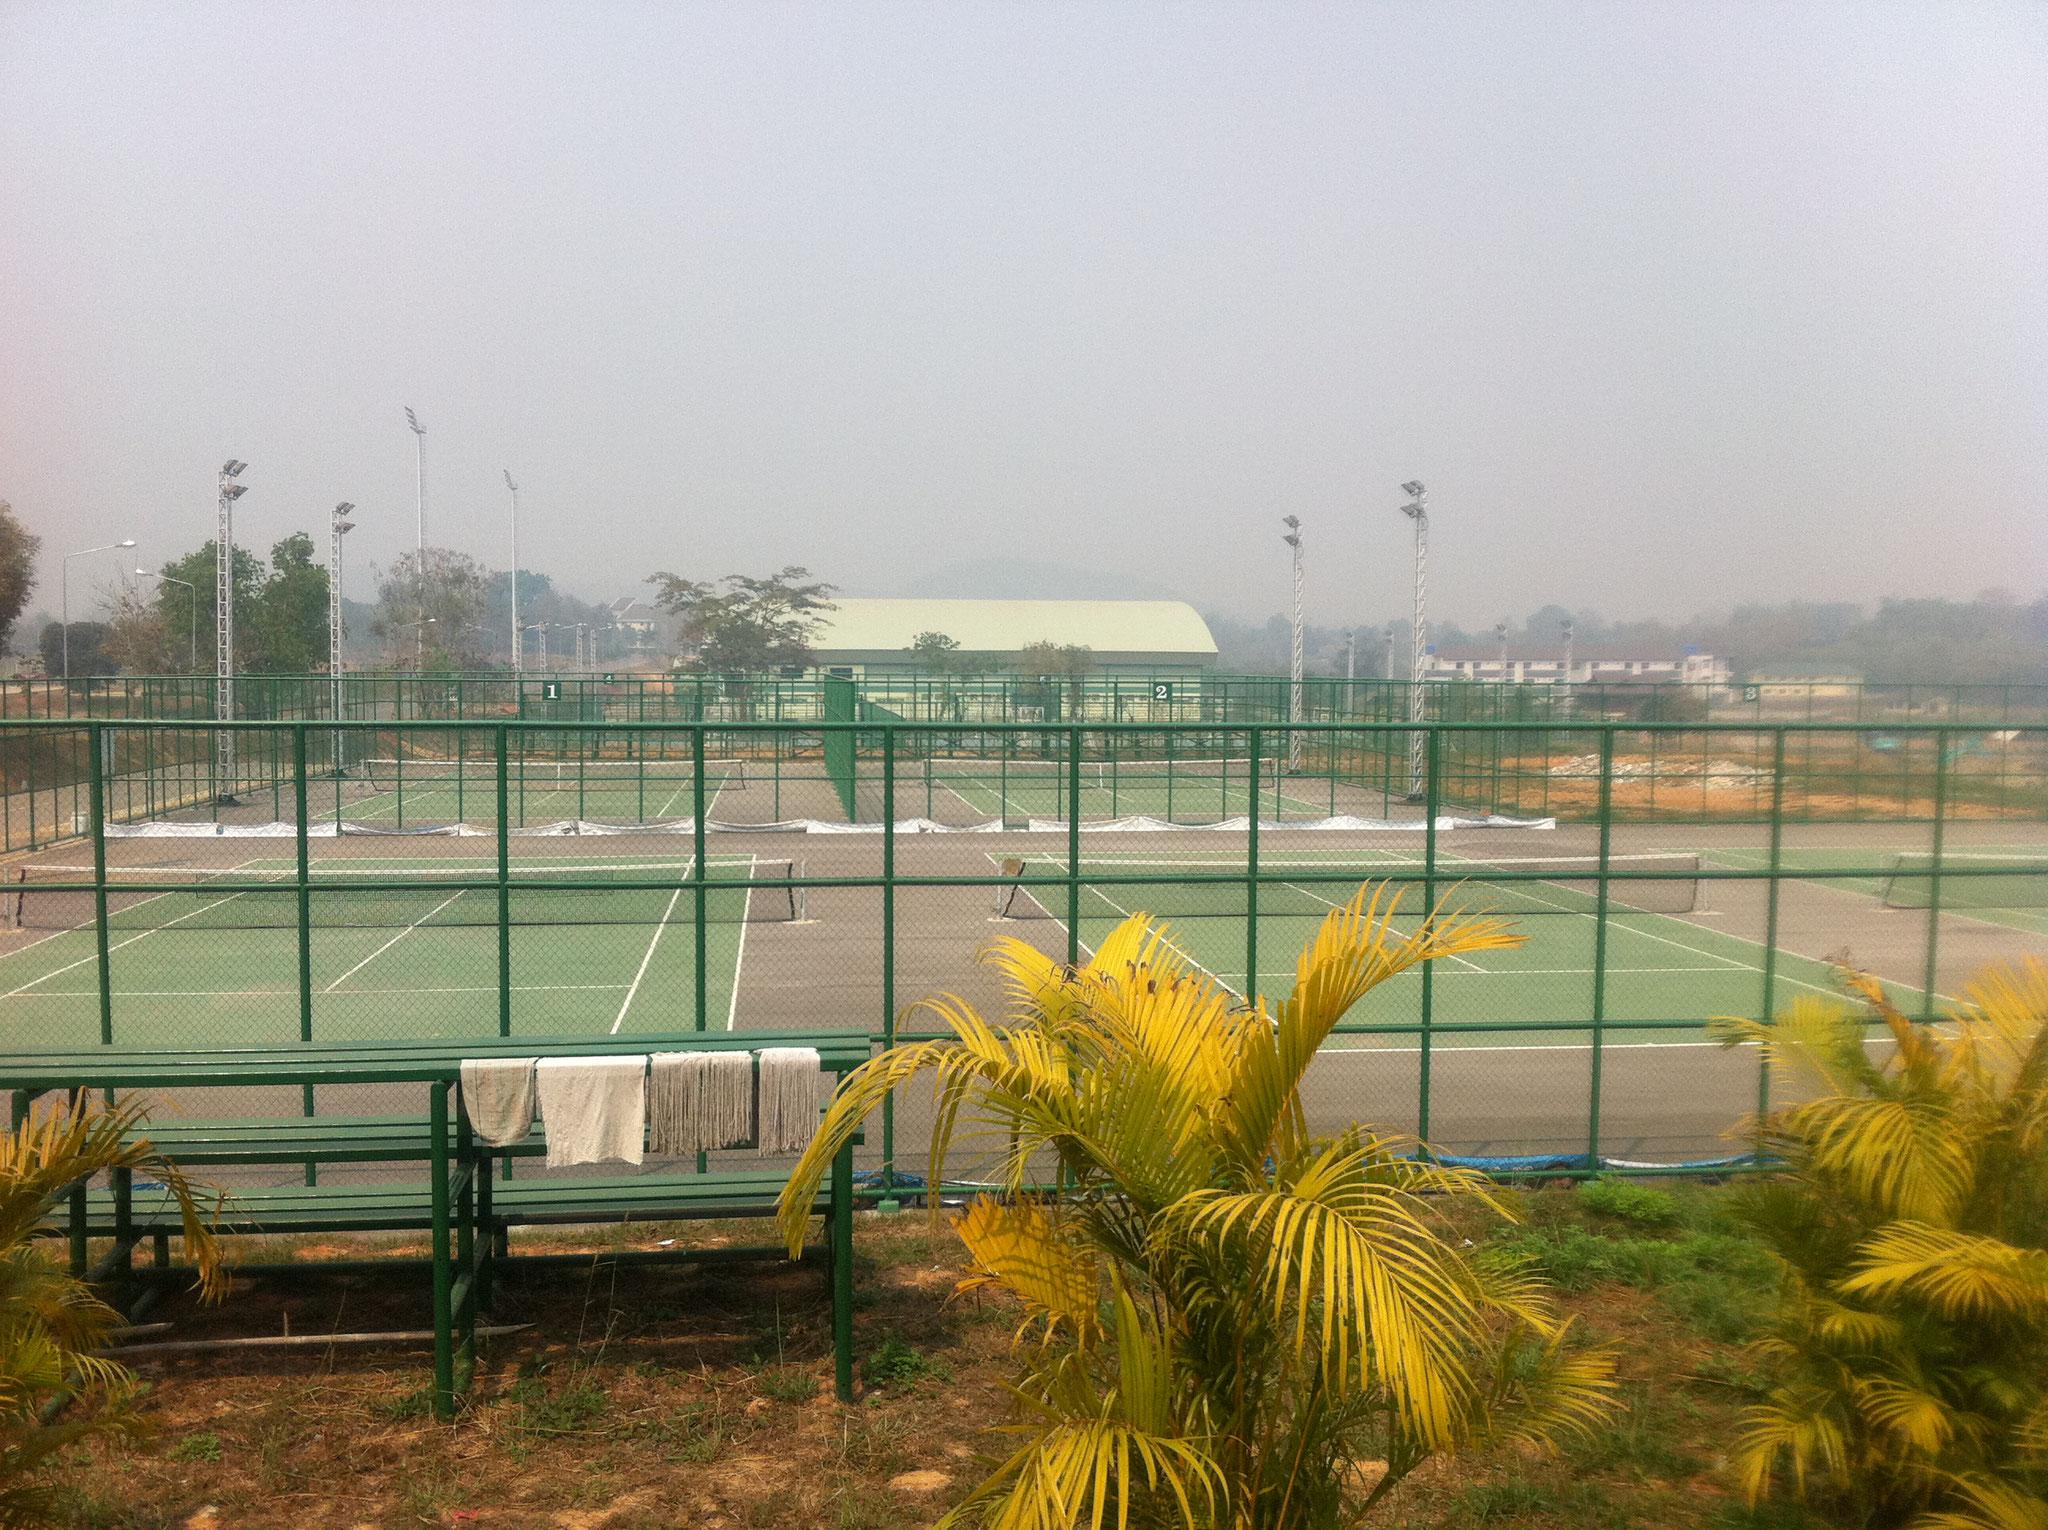 整備されたスポーツコンプレックス・テニスコート